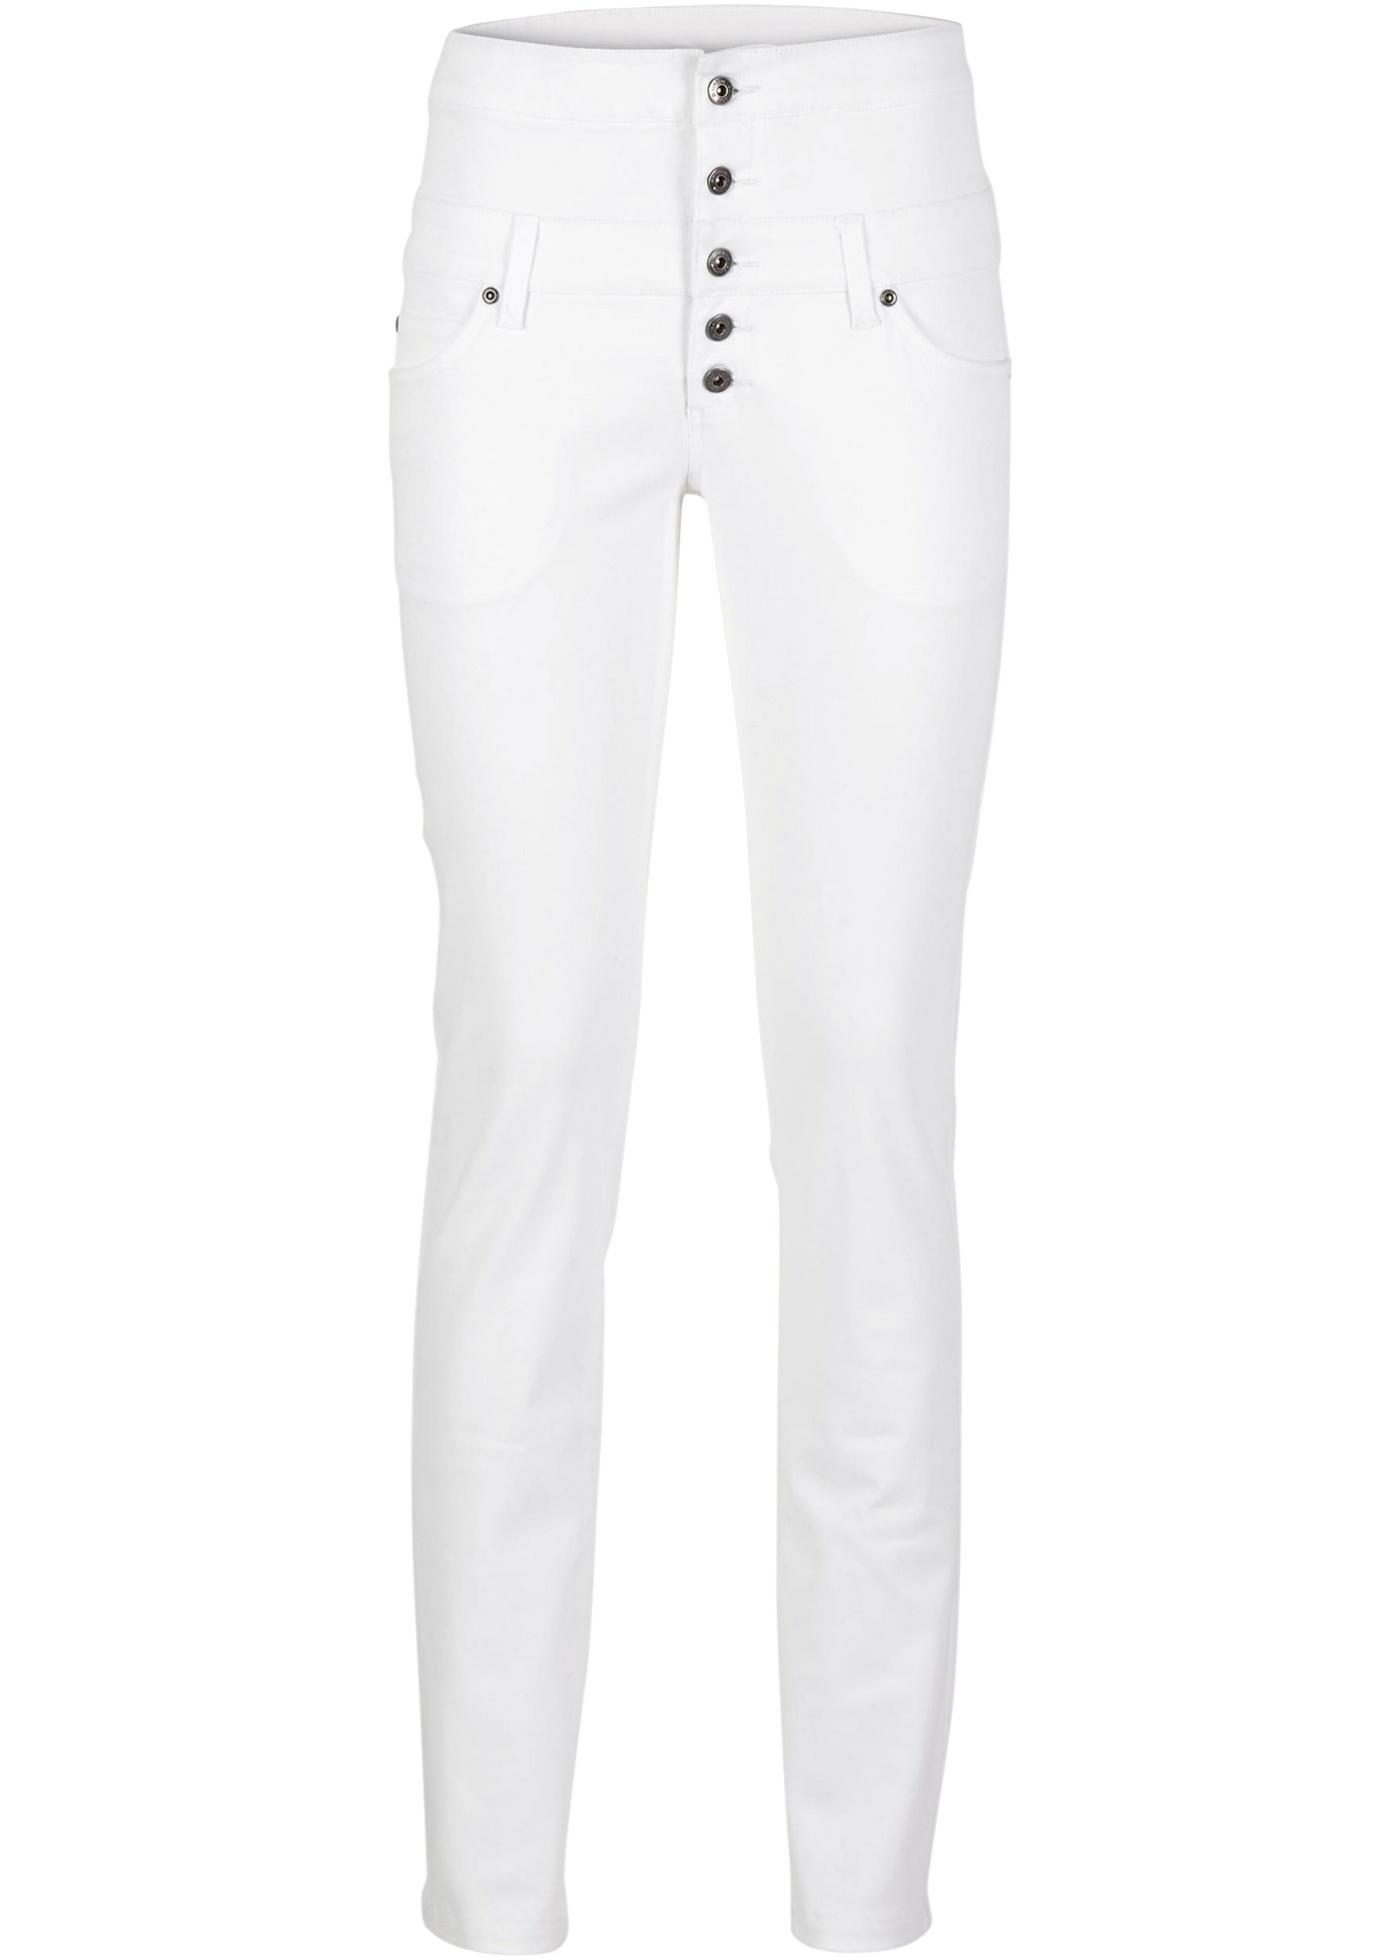 Strečové kalhoty Skinny - Bílá